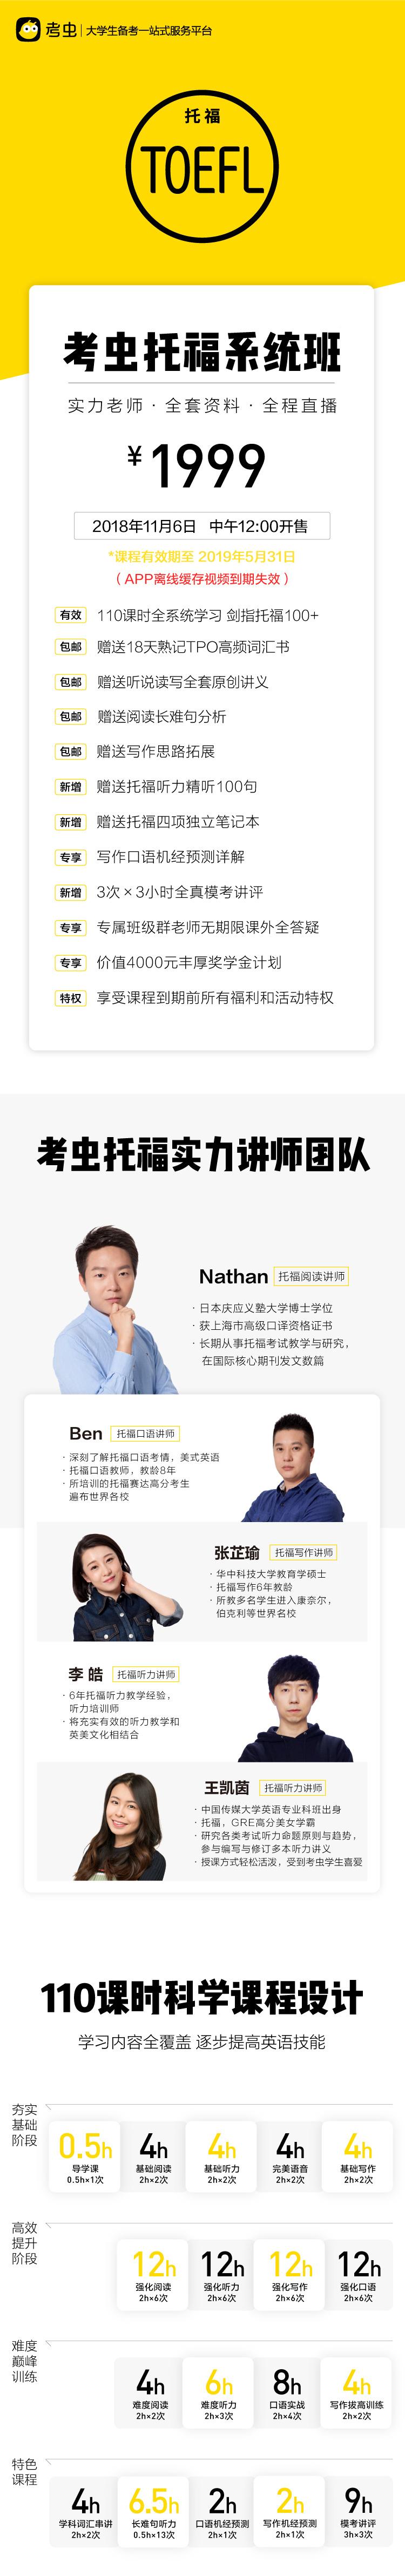 考蟲托福系統班詳情頁1(針對19春).jpg